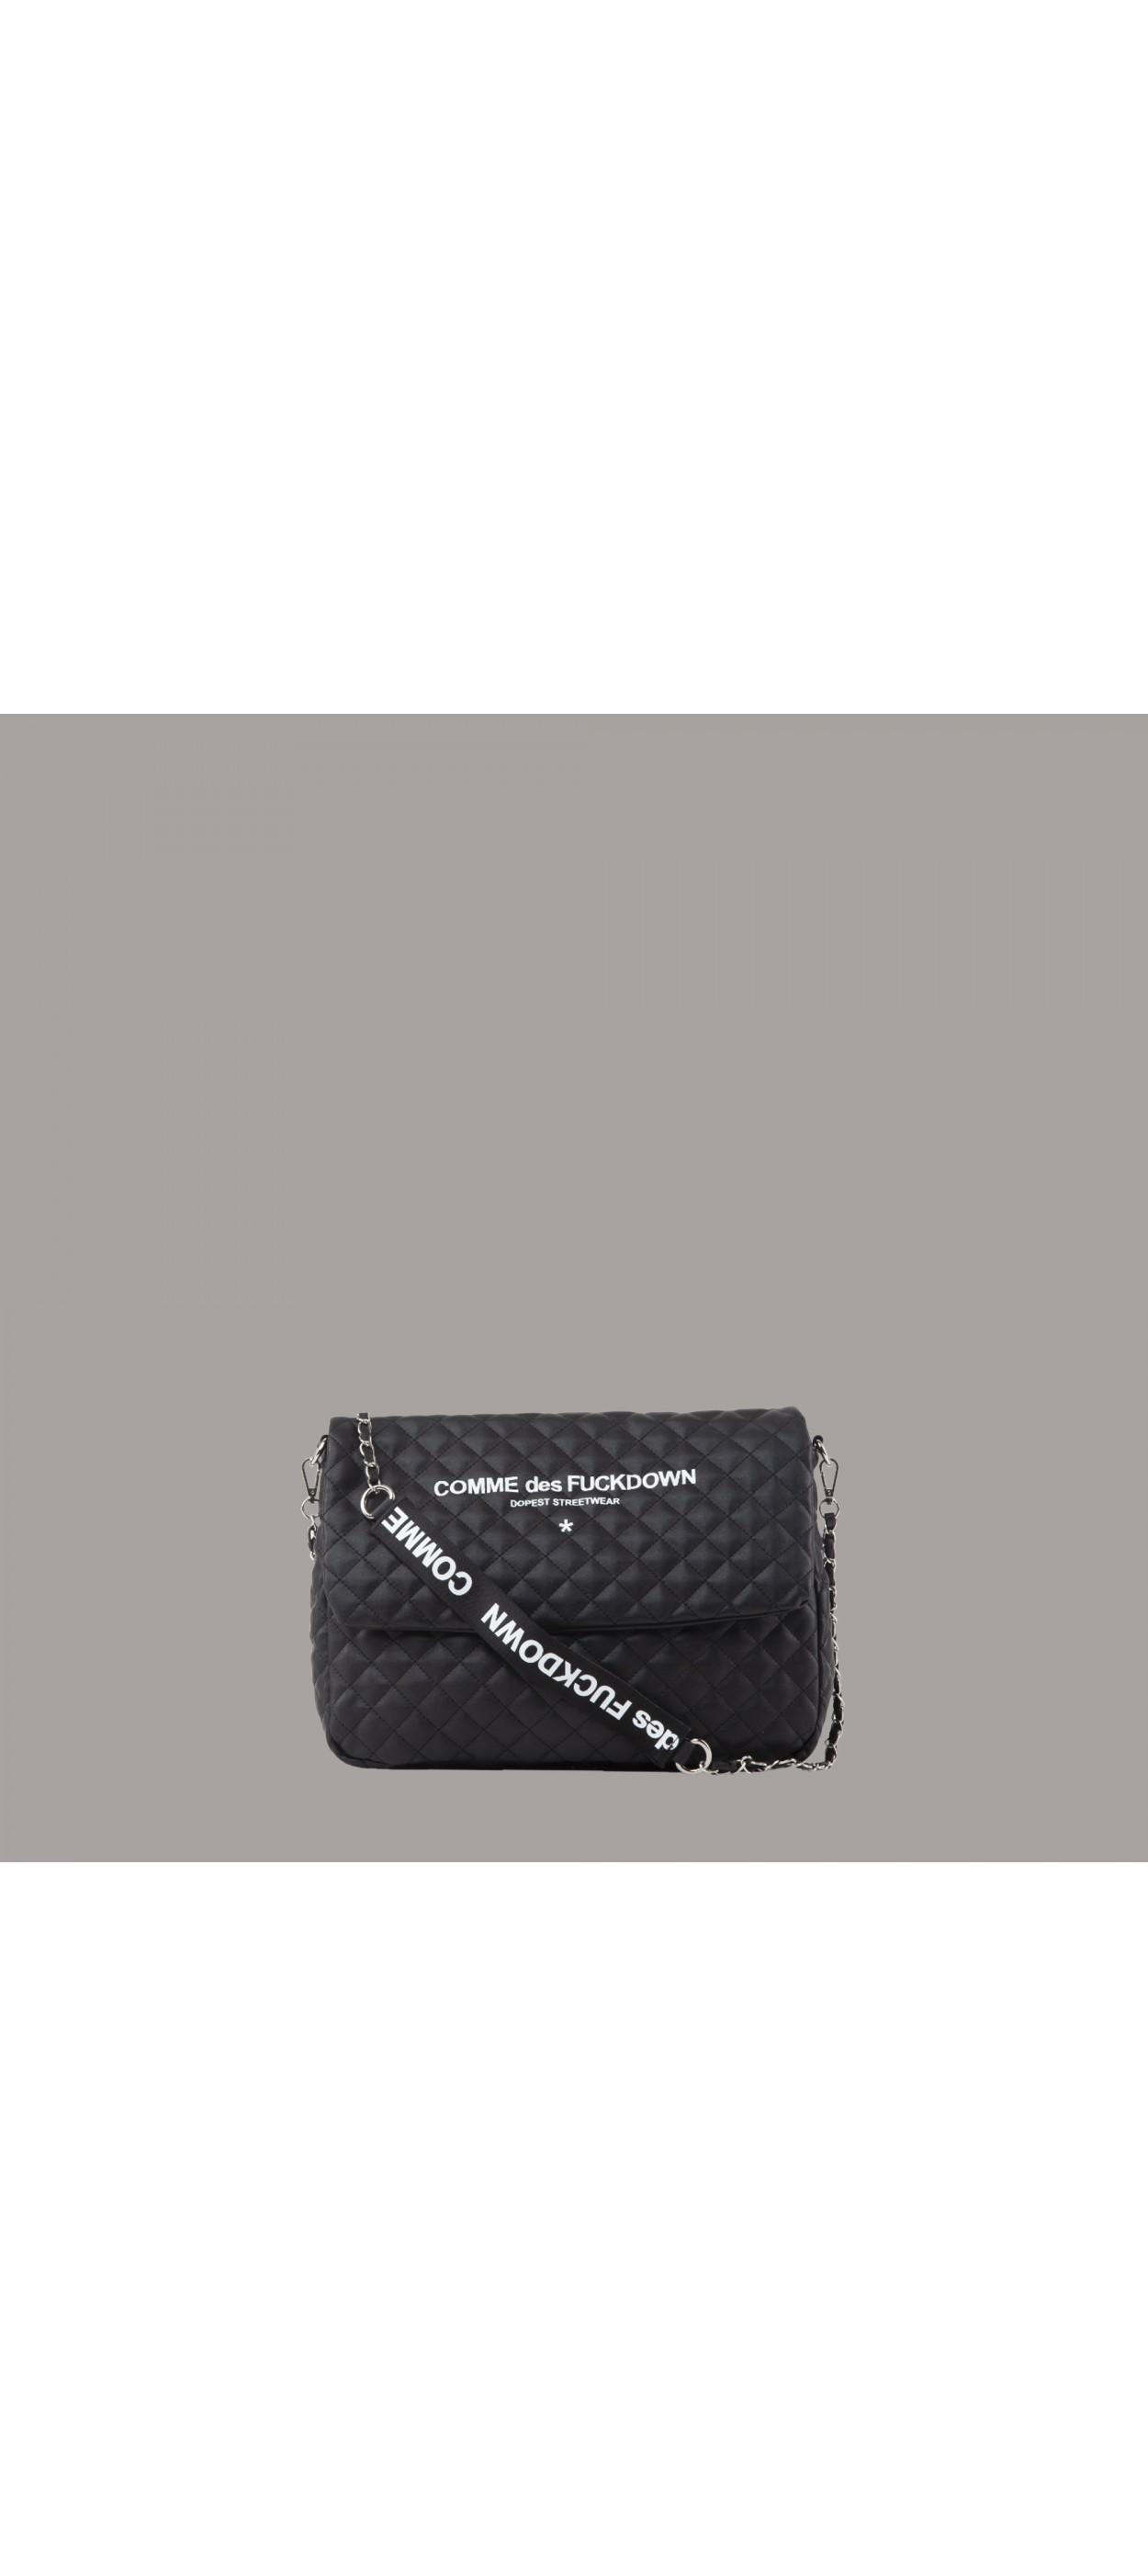 SHOULDER BAG - CDFA03NB - COMME DES FKDOWN